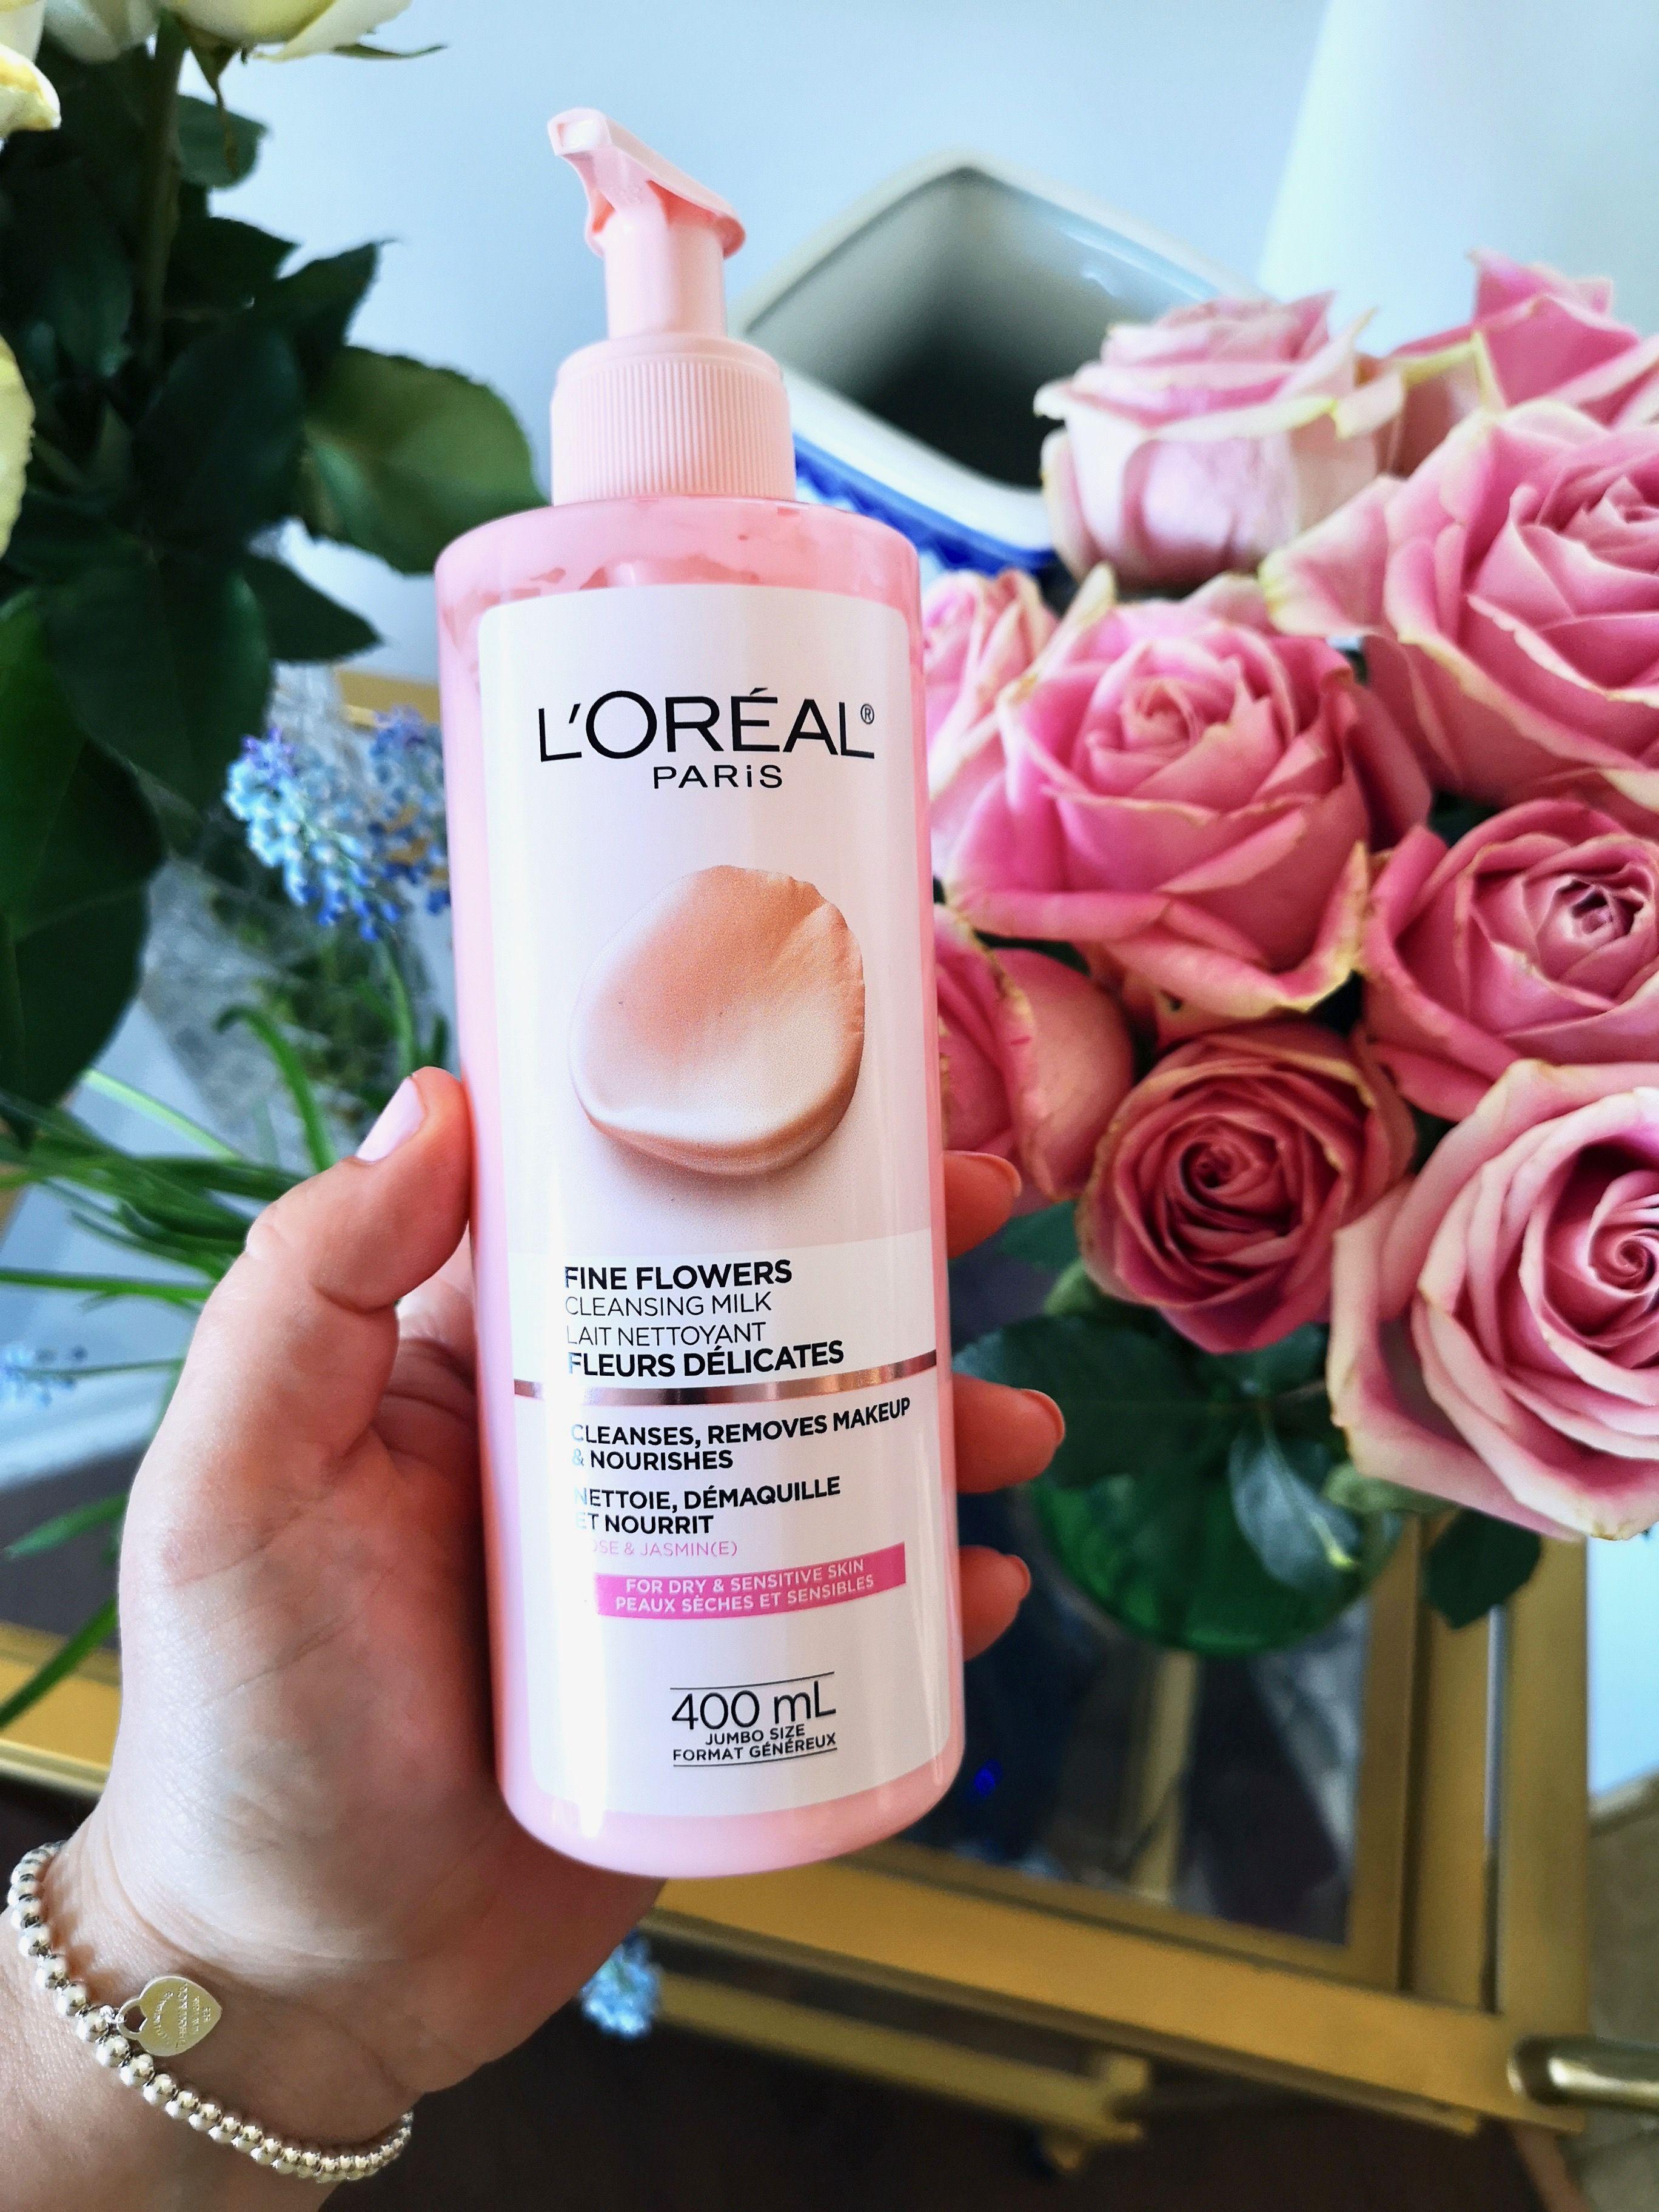 L'ORÉAL Fine flowers cleansing milk for dry, sensitive